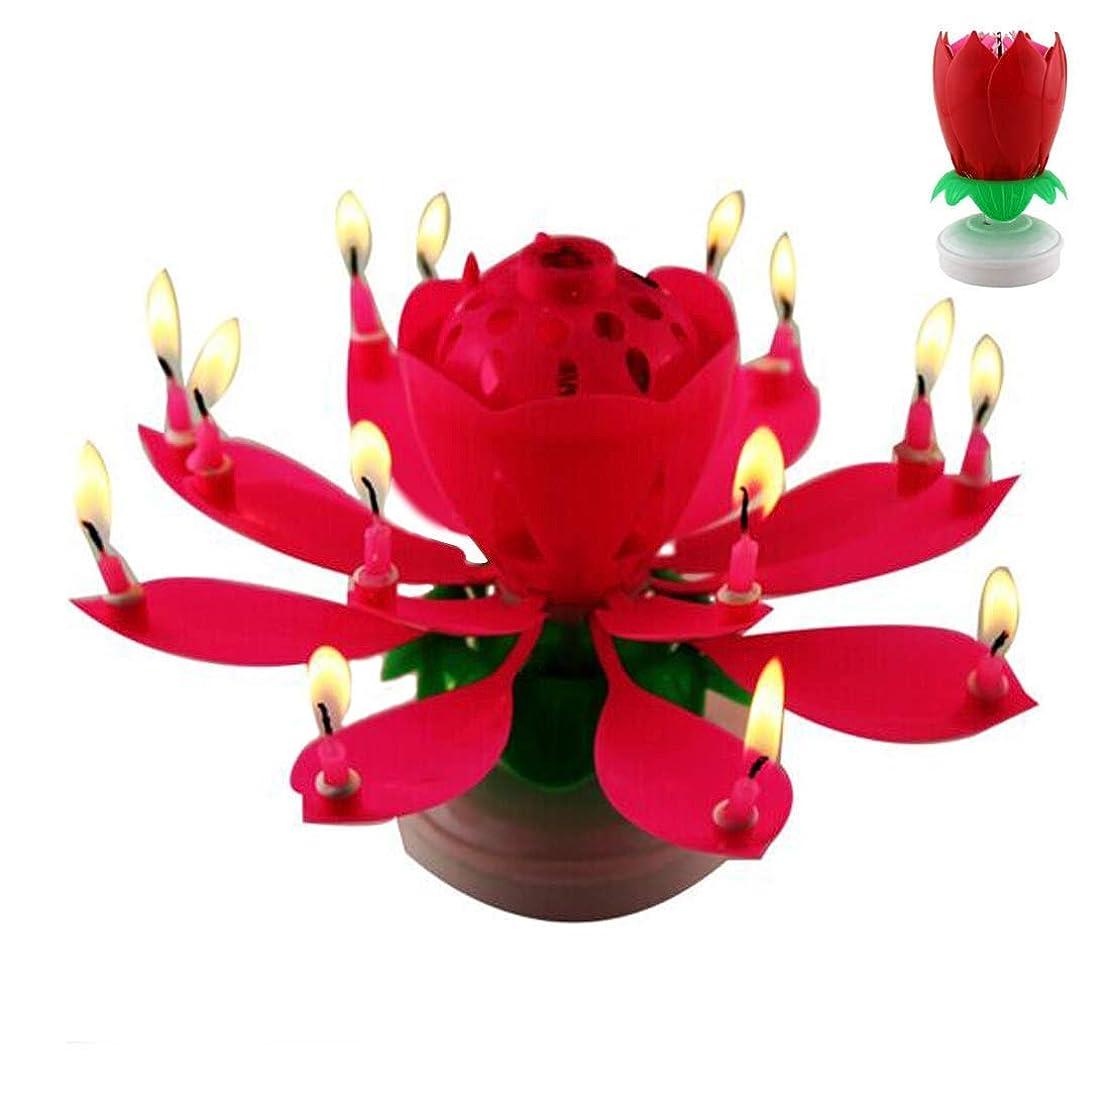 収まる規制するフォーラムamezing hobby お祝い 用 キャンドル パーティー 誕生日 祝い会 インテリア 蓮の花 ケーキ 装飾 音楽 キャンドル デラックス インテリア 回転 ケーキ クリスマス バースデー (レッド)